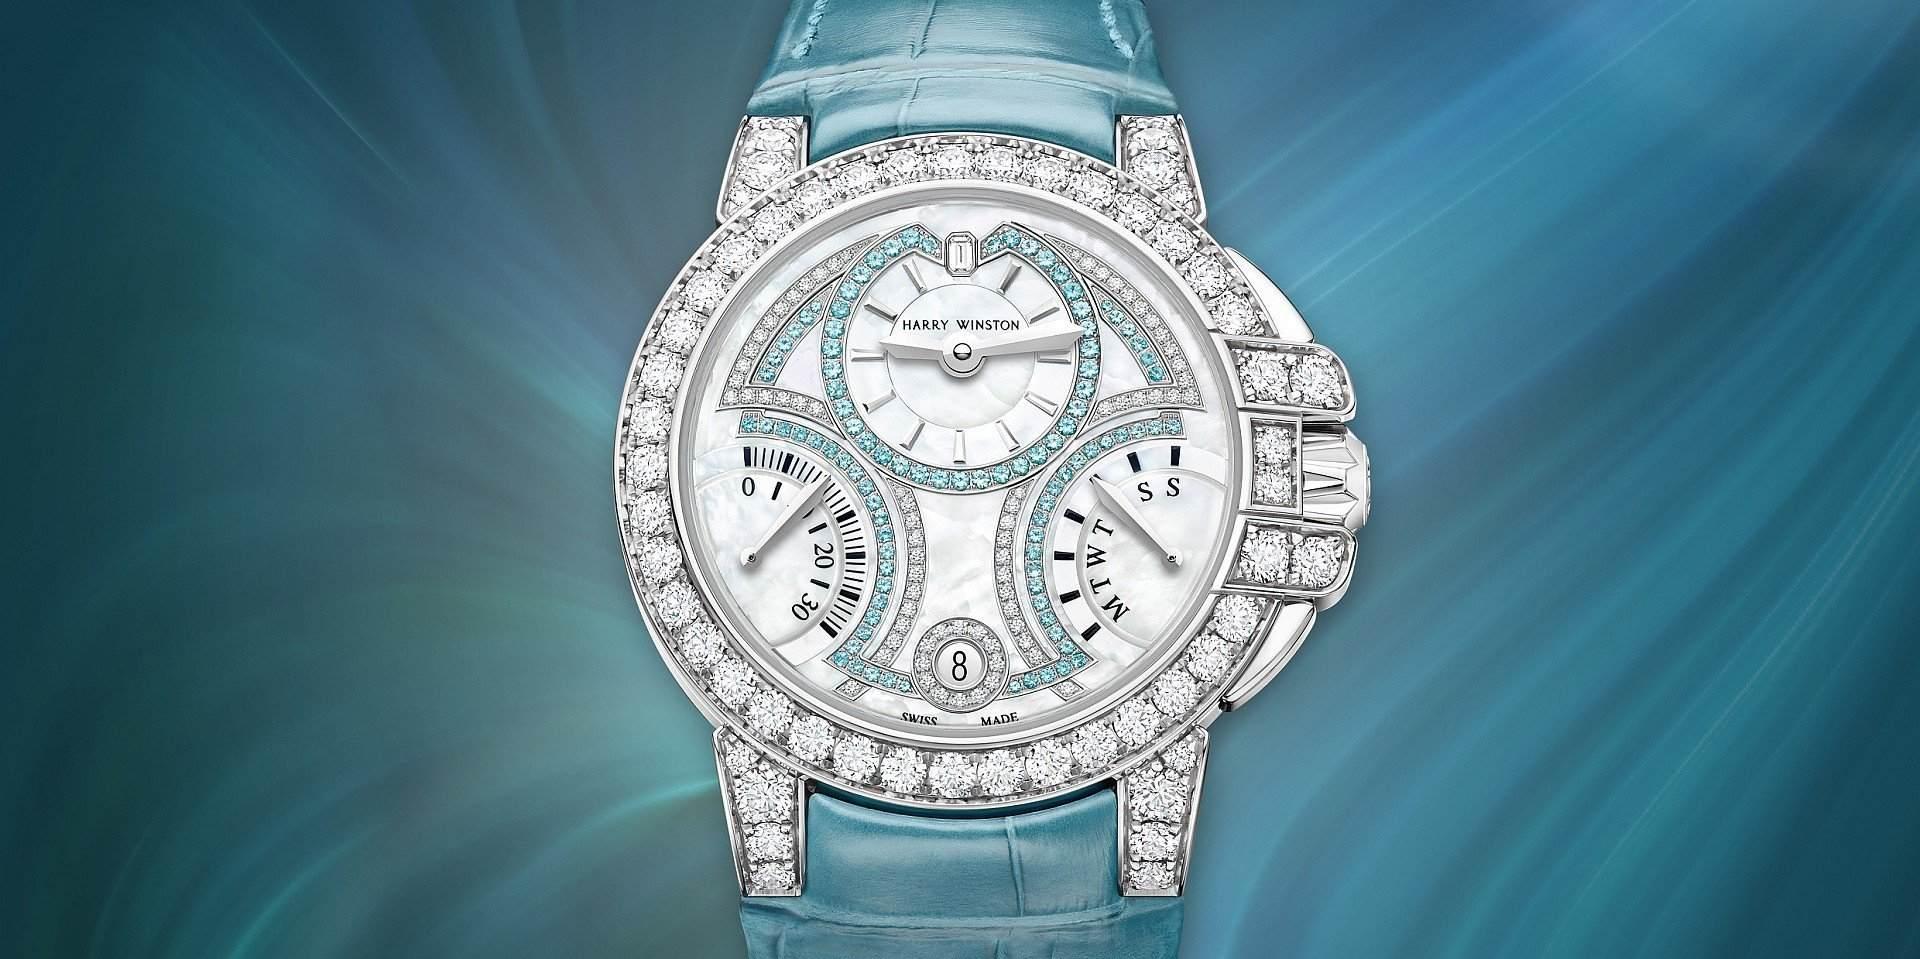 女王之姿:海瑞溫斯頓海洋Ocean系列20周年紀念36毫米雙逆跳限量版腕錶